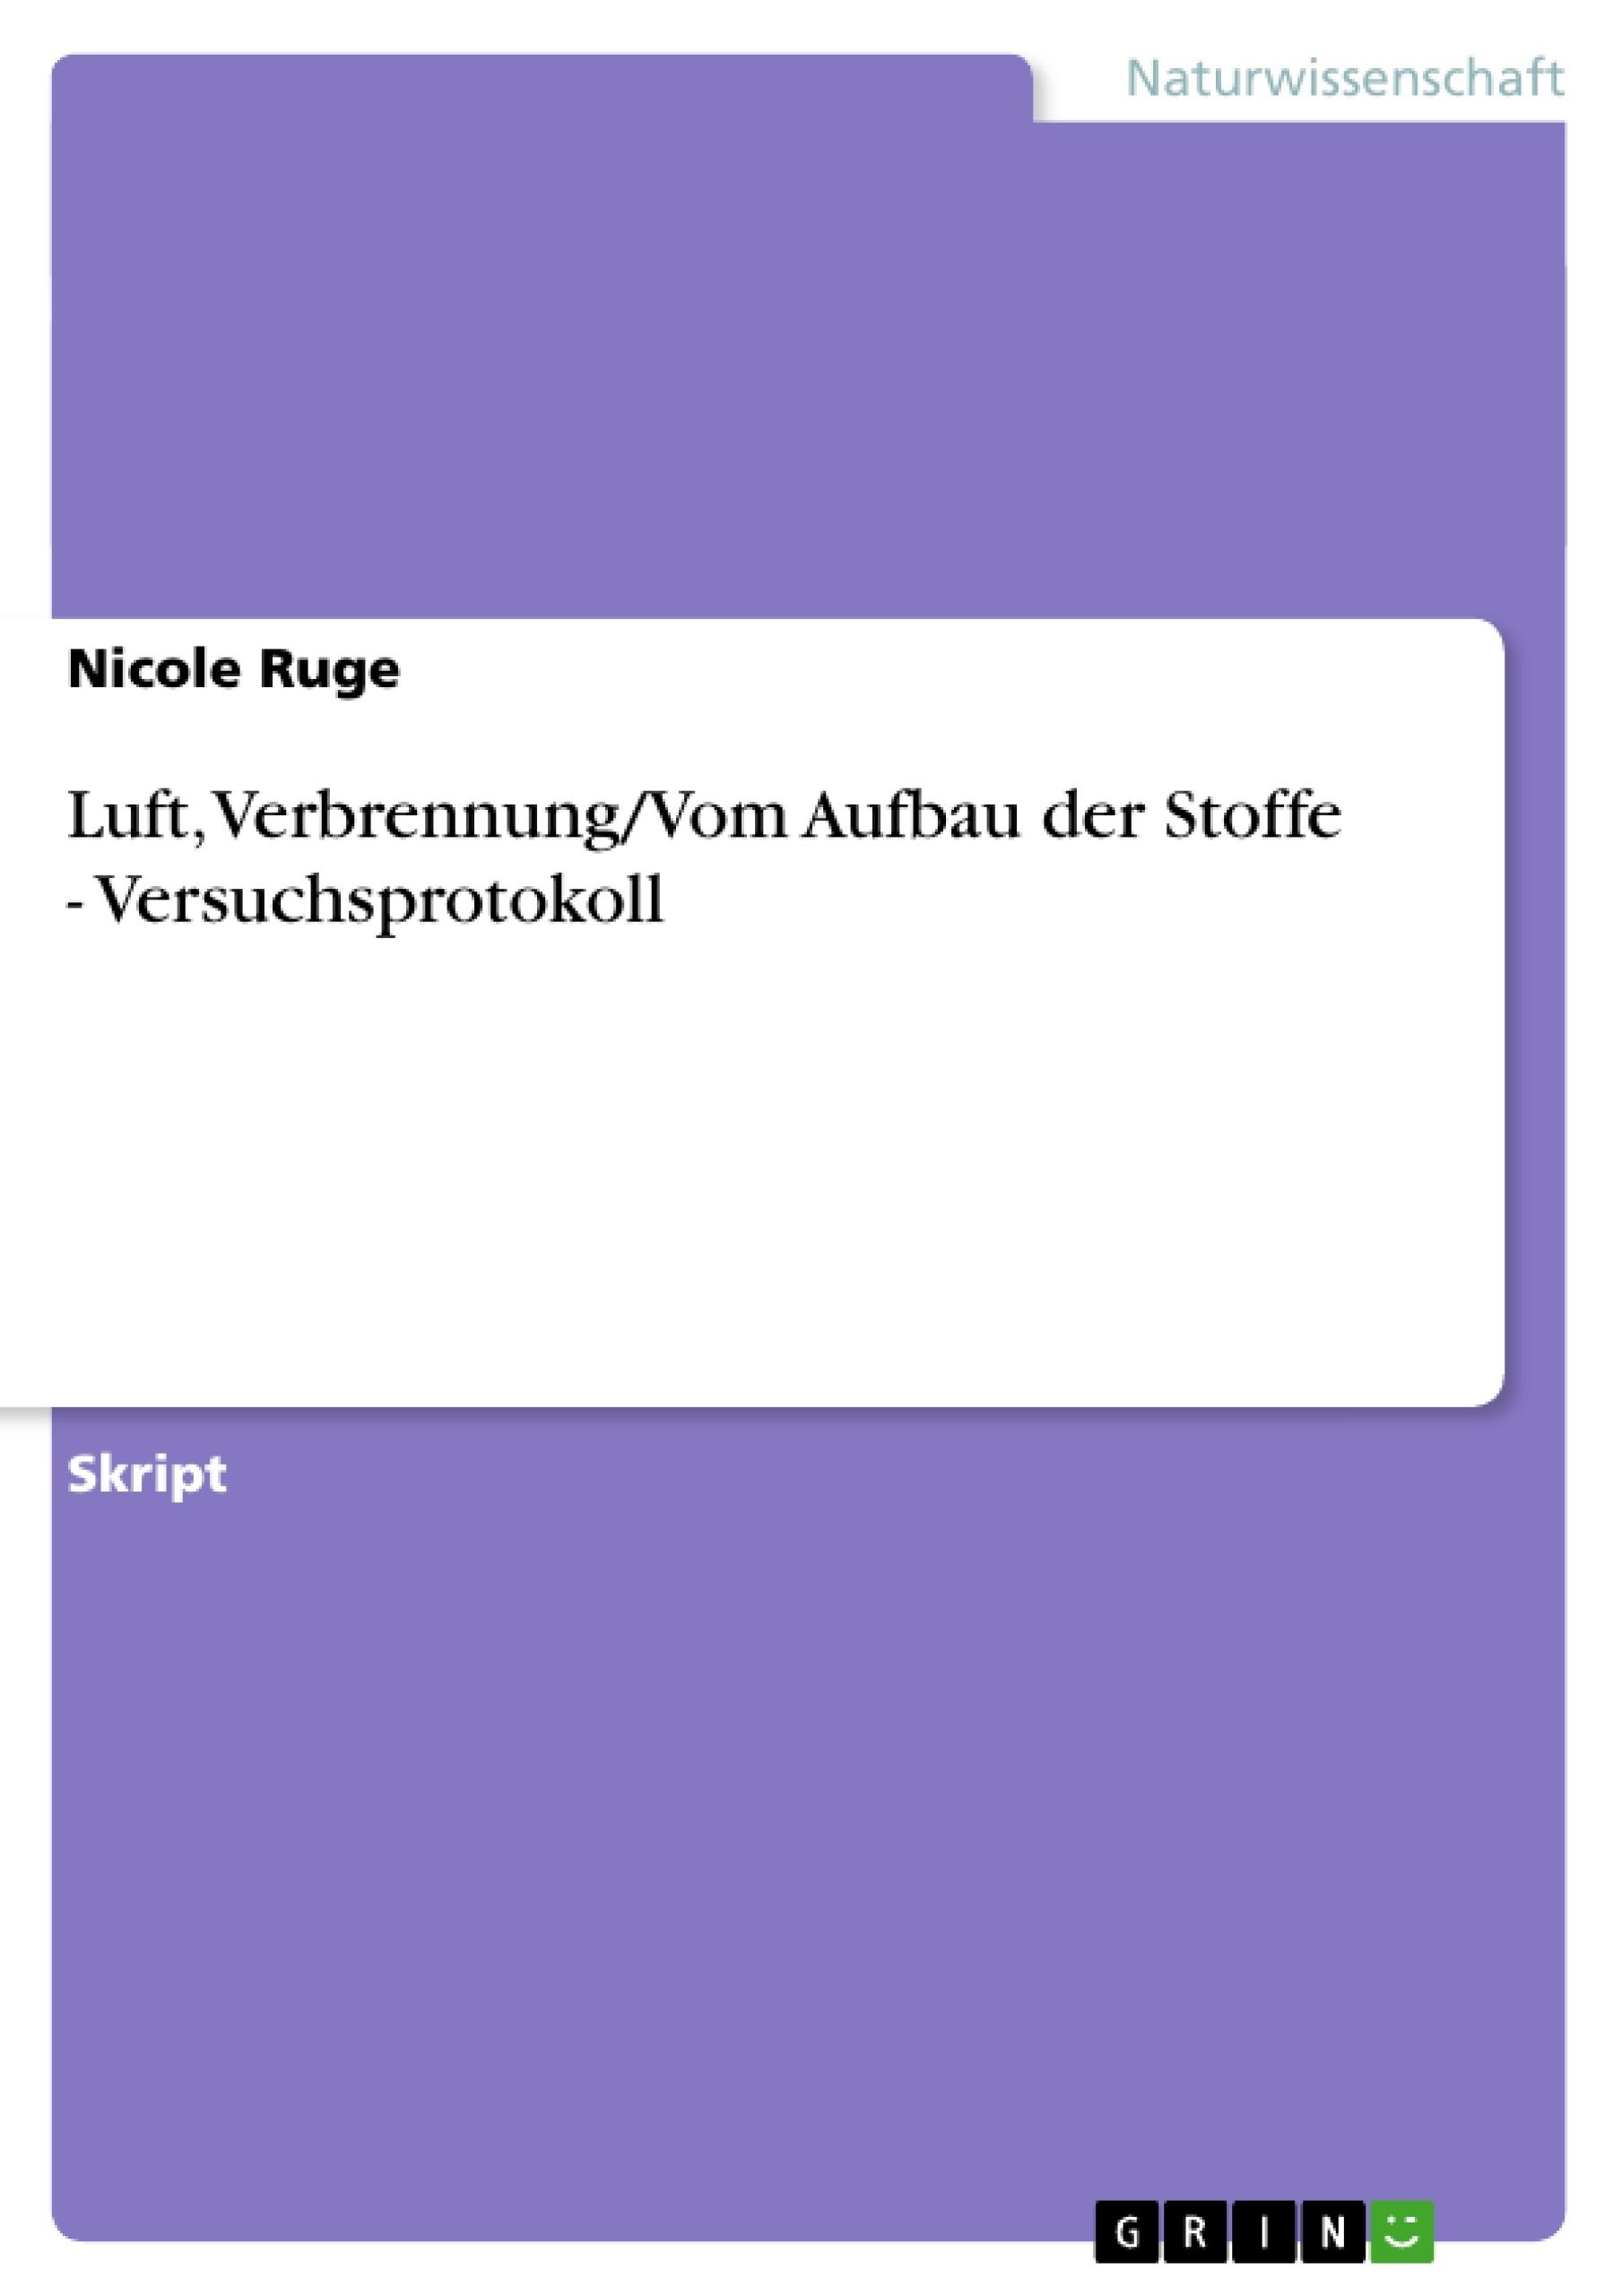 Titel: Luft, Verbrennung/Vom Aufbau der Stoffe - Versuchsprotokoll